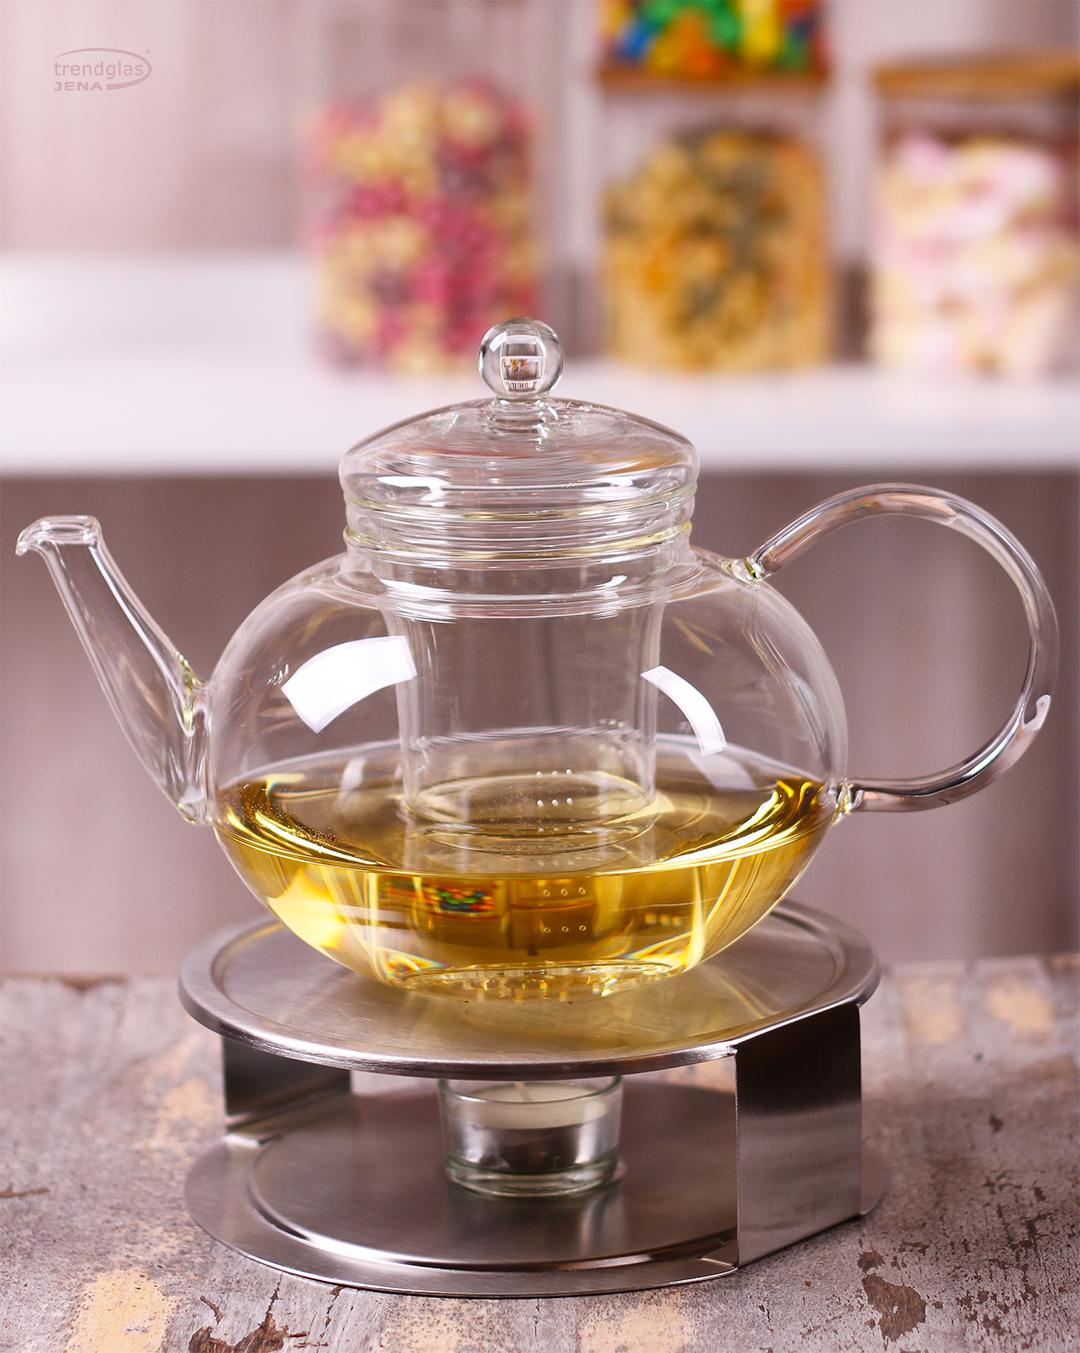 Teakészítés - Fémek és gyógynövények